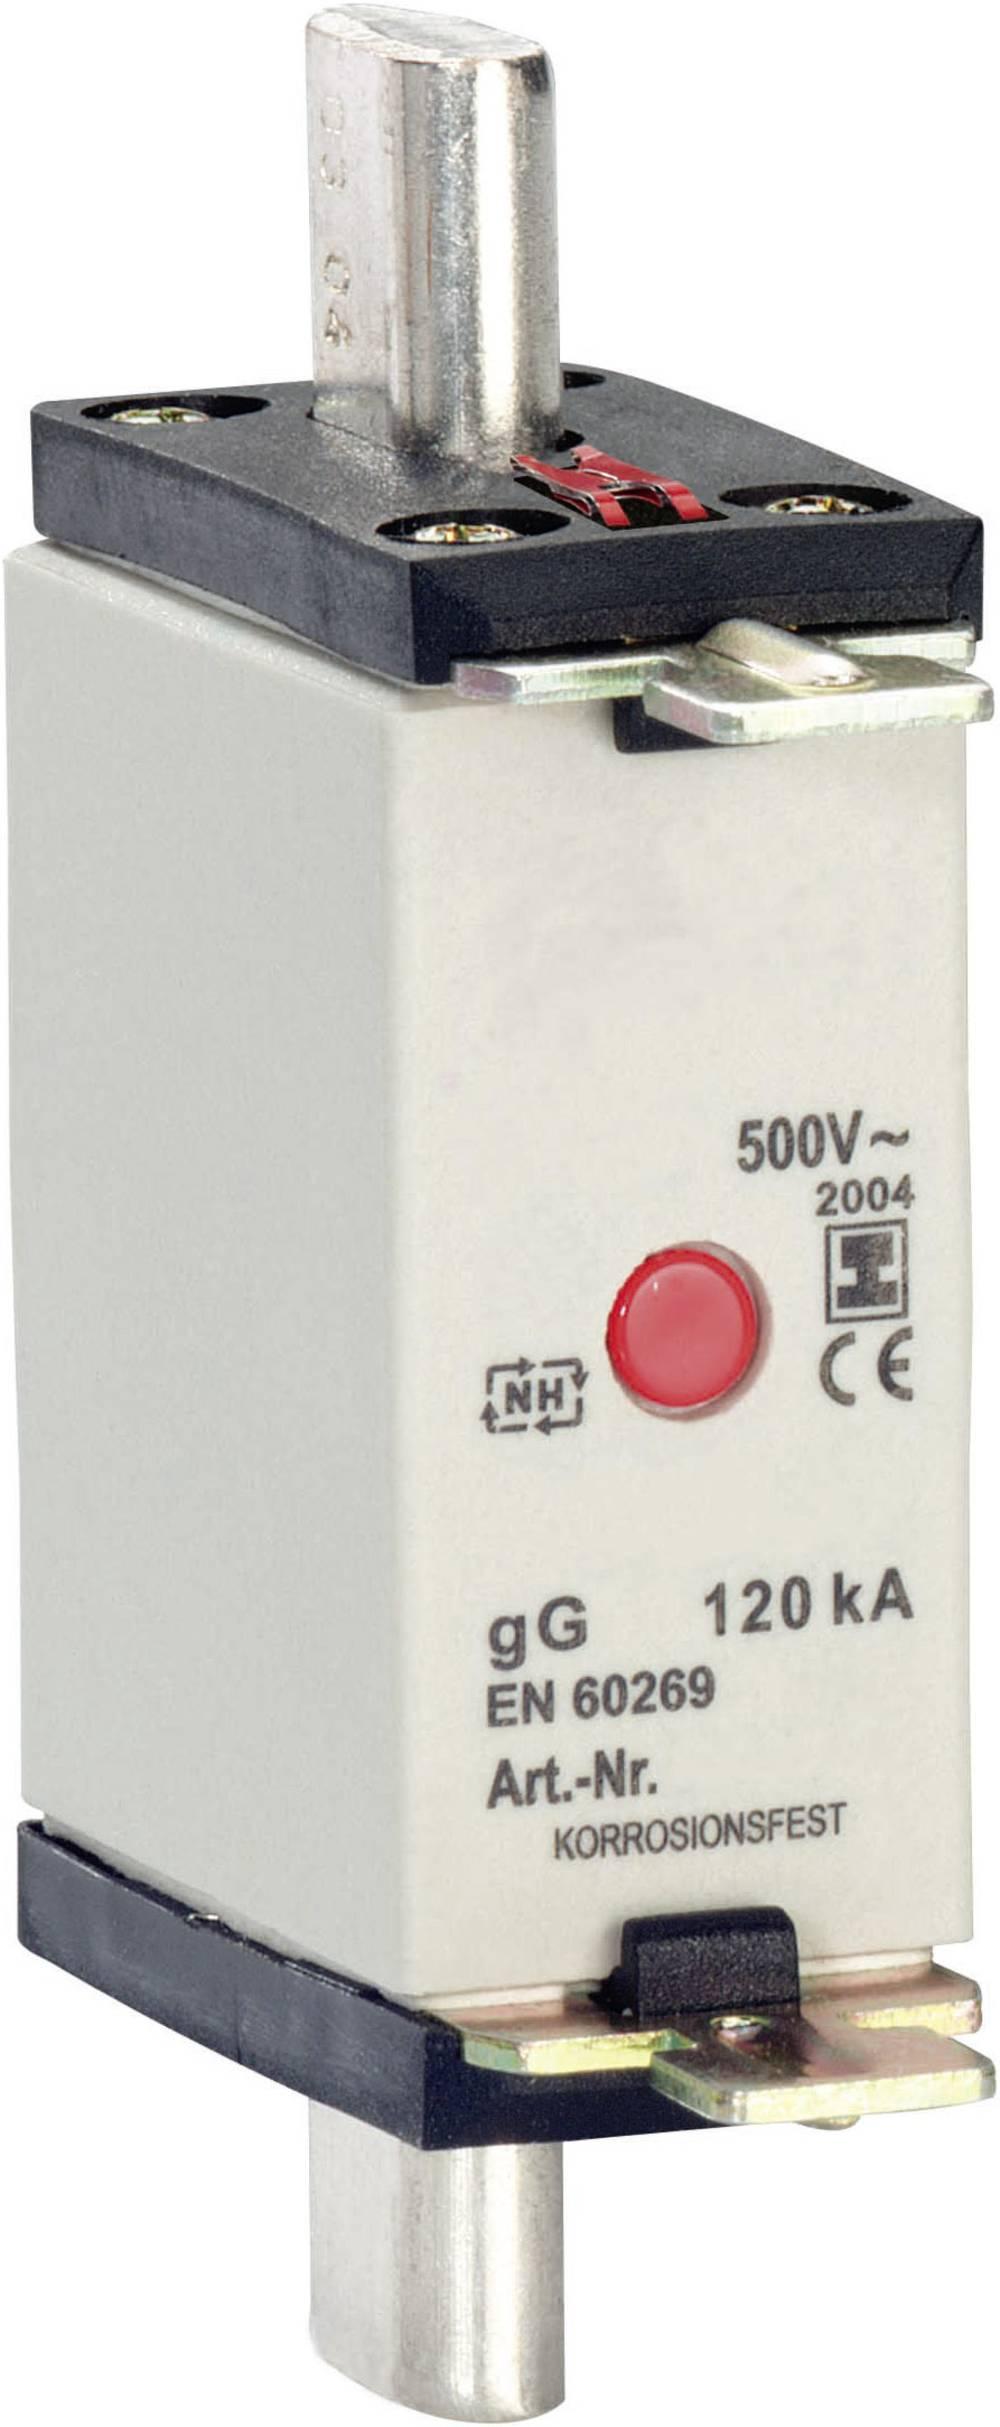 Nizkonapetostna močnostna varovalka, velikost varovalke = 000 32 A 500 V/AC Bals Elektrotechnik 93002